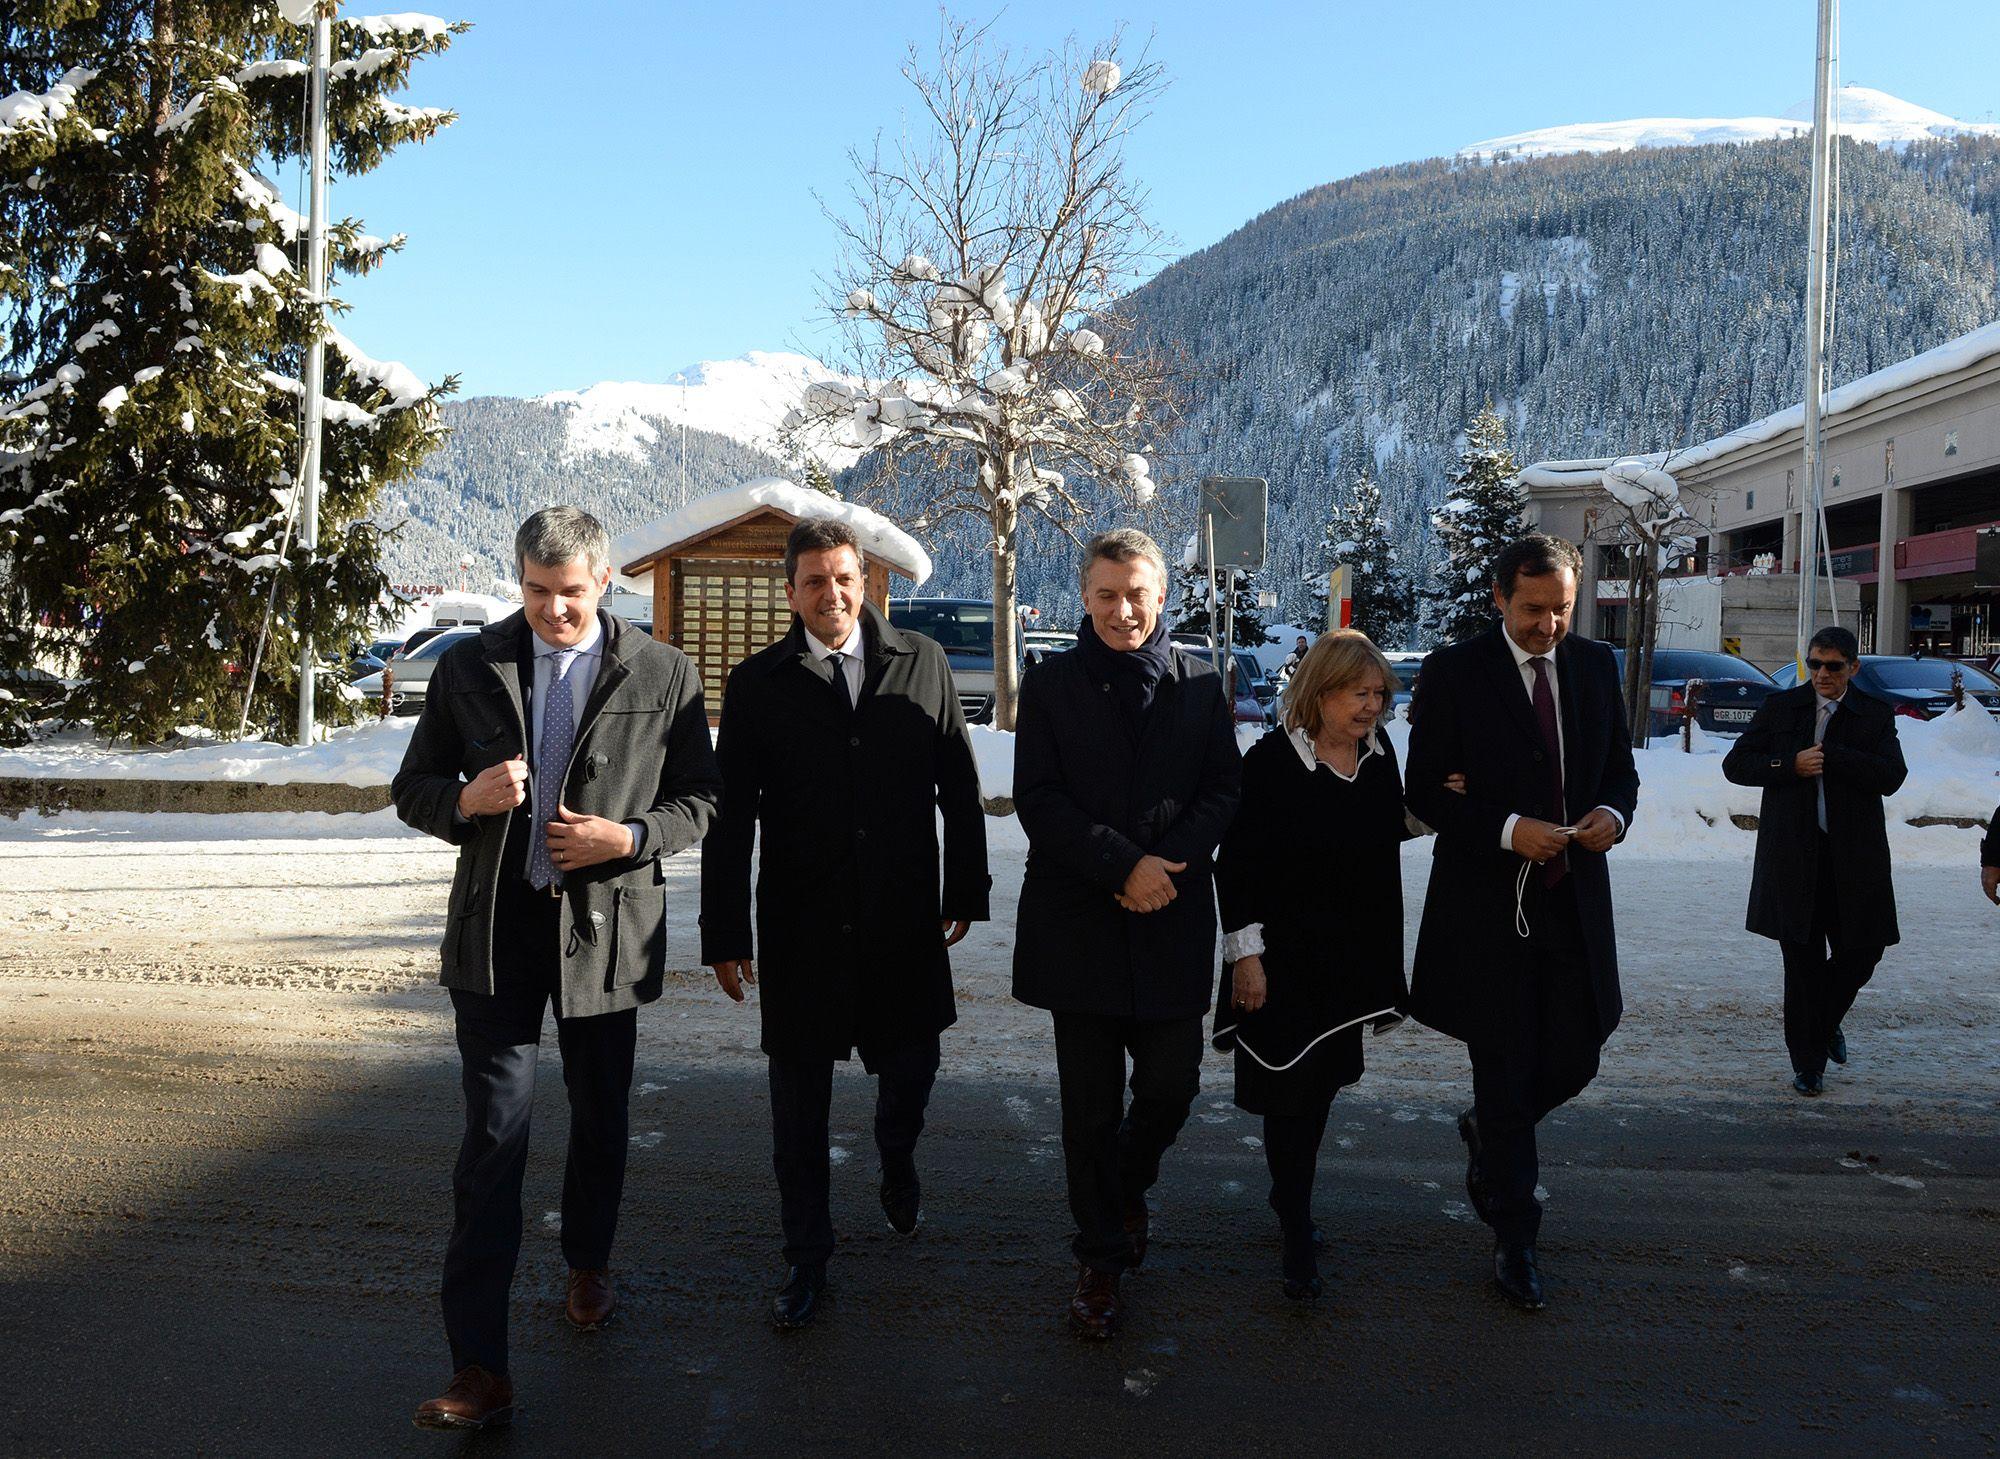 Macri y sus colaboradores marchan hacia una de las reuniones en la villa alpina.